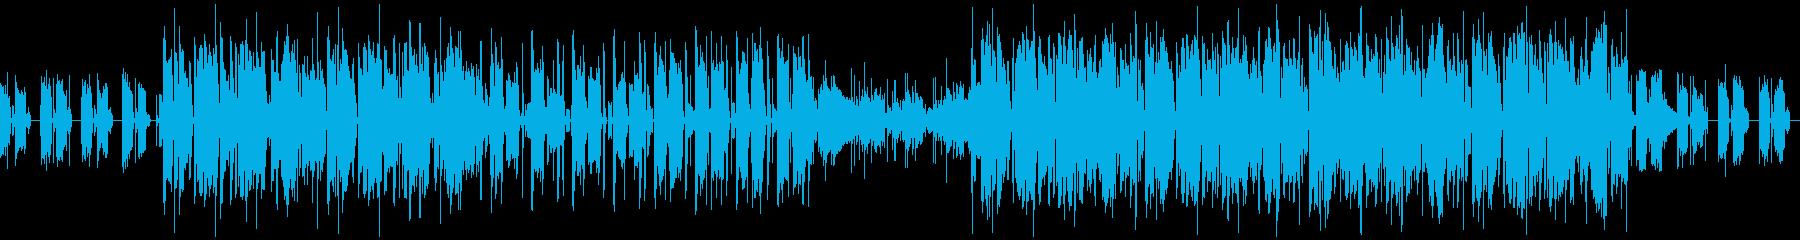 可愛く、優しい雰囲気のLo-fi系BGMの再生済みの波形